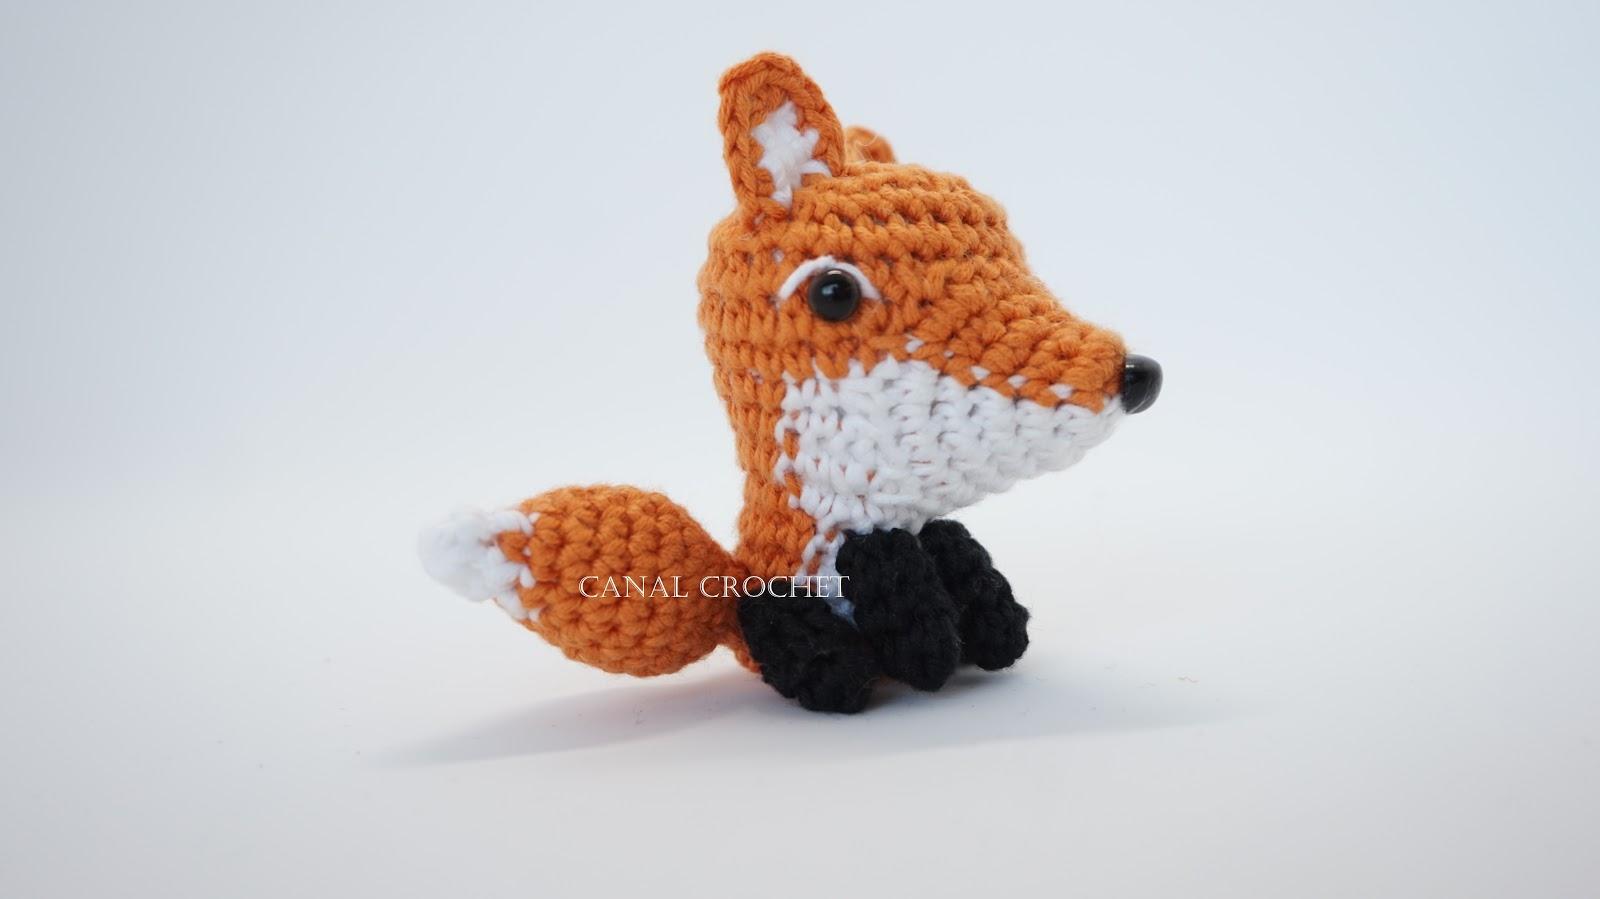 The Sleepy Fox | Amigurumi patrones gratis, Patrones amigurumi ... | 899x1600